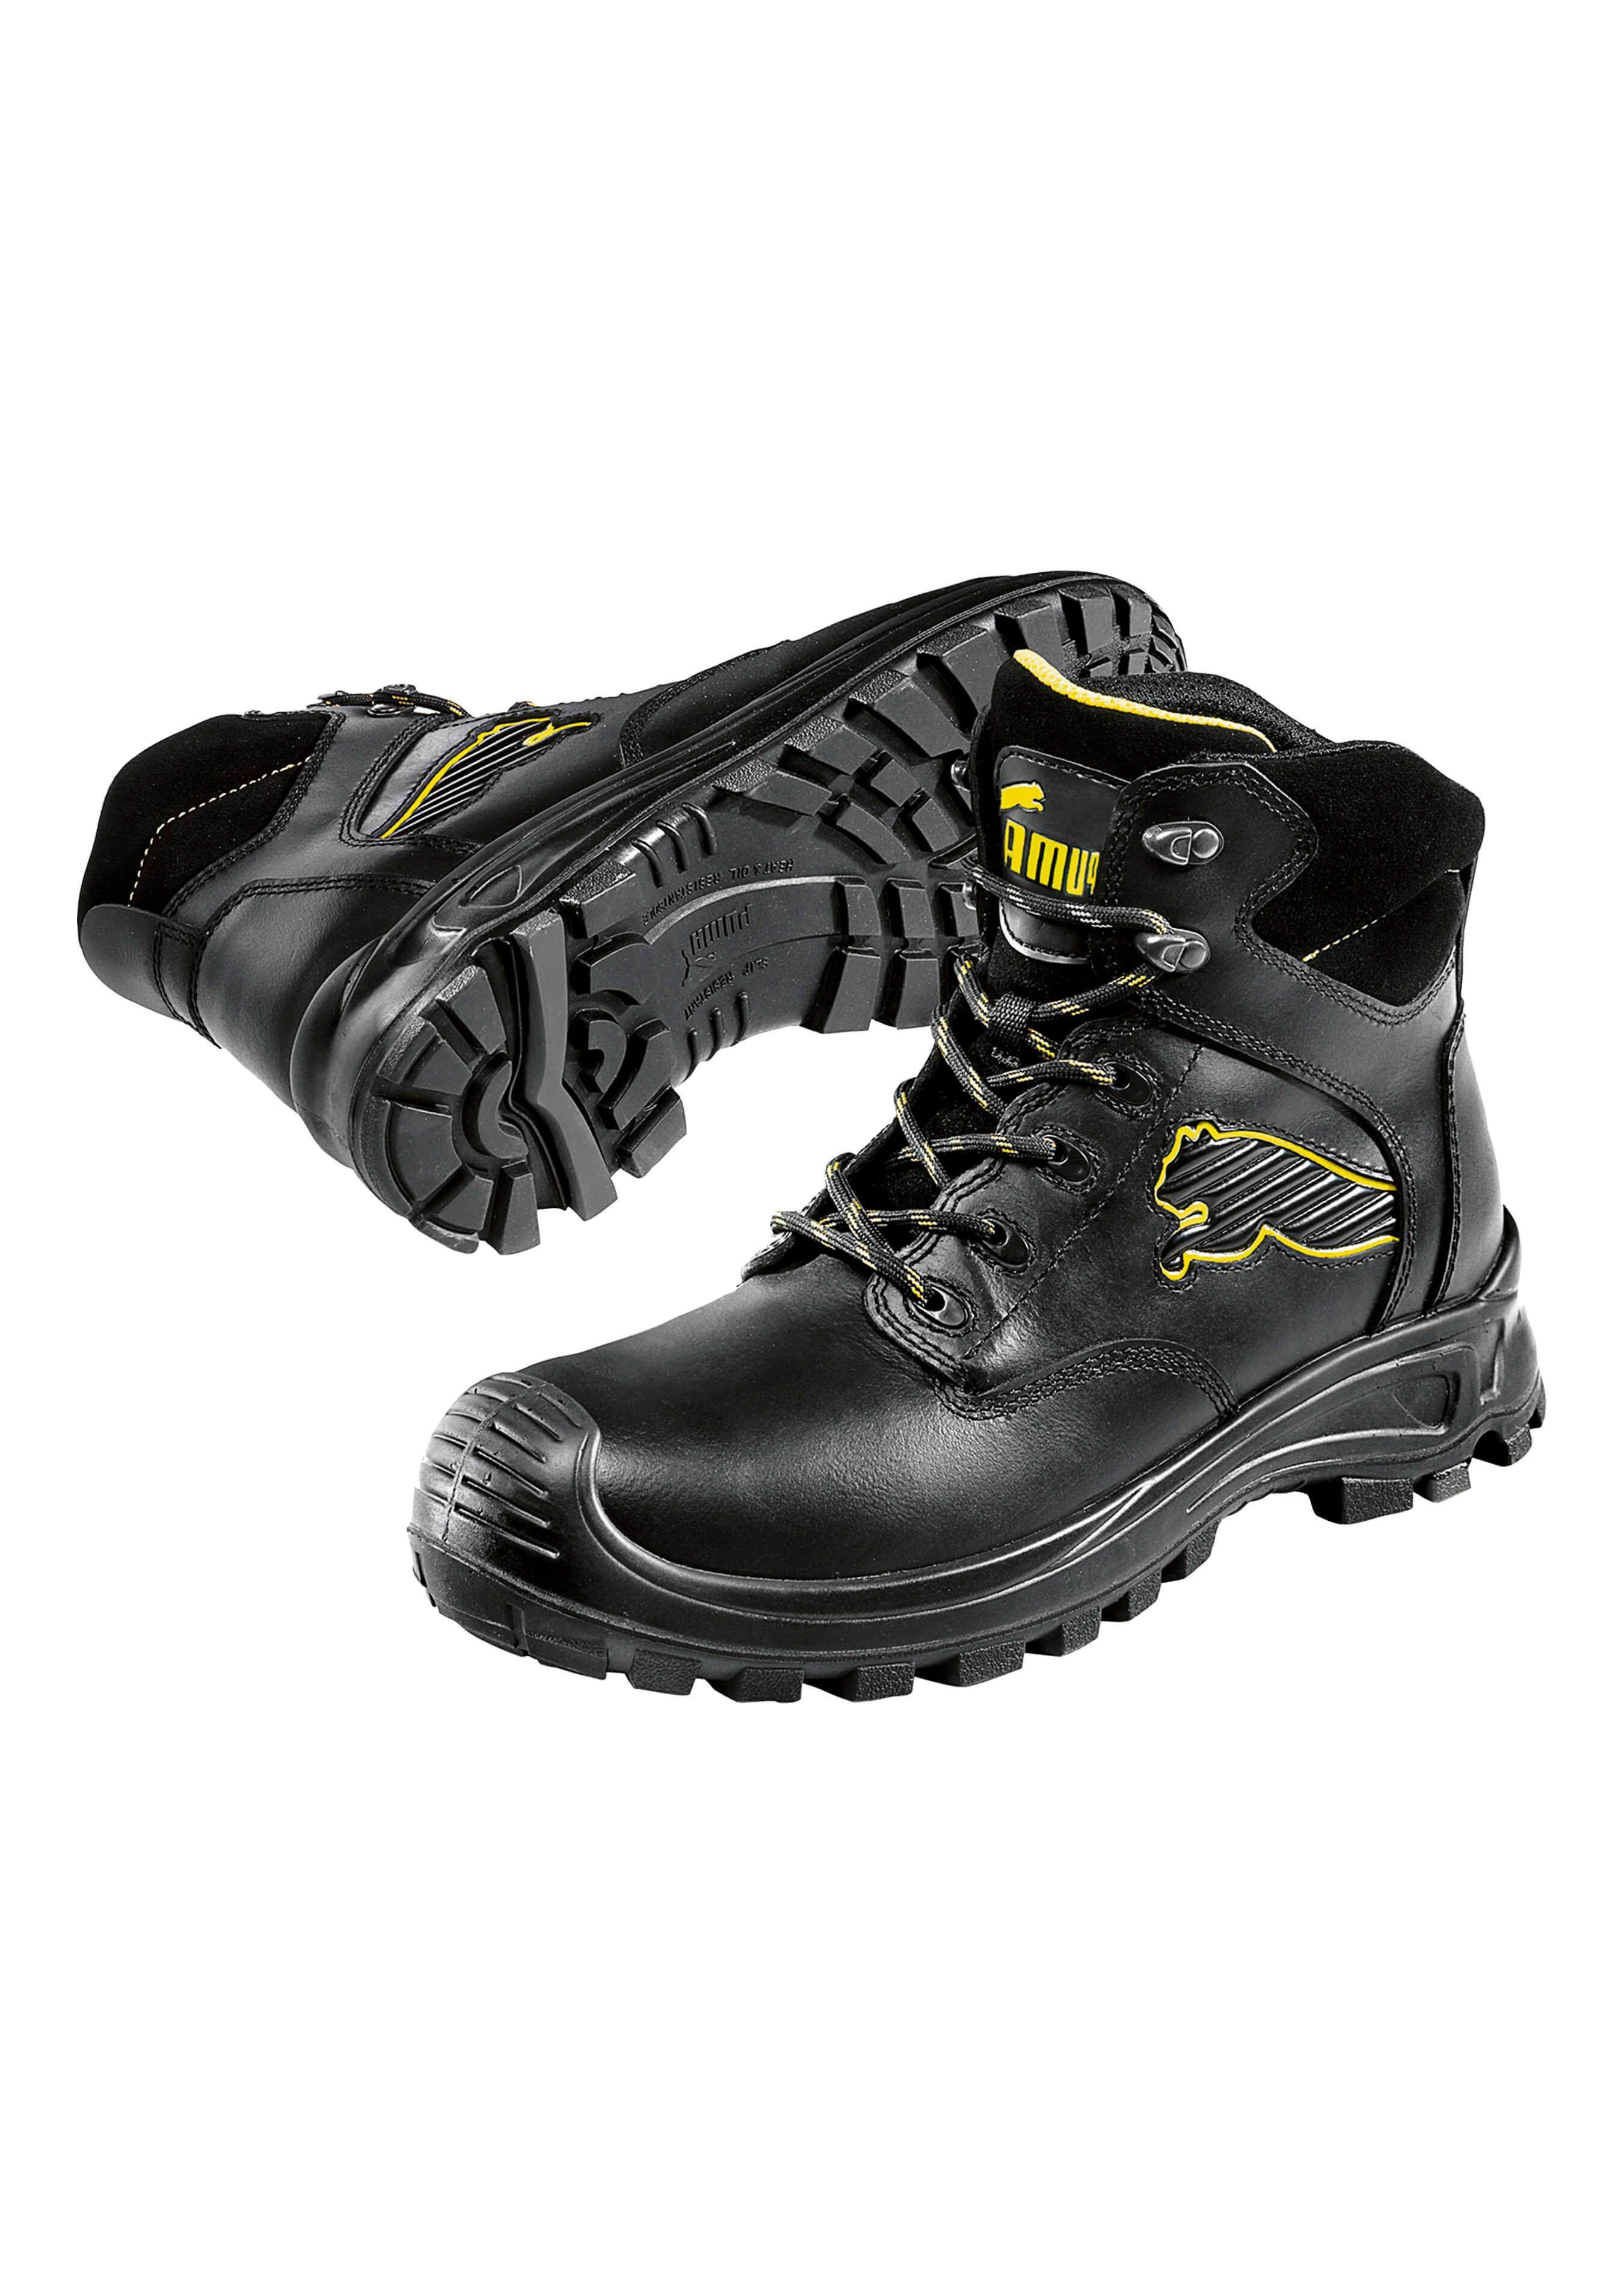 Chaussure de sécurité S3 Scuff Caps L439639 2